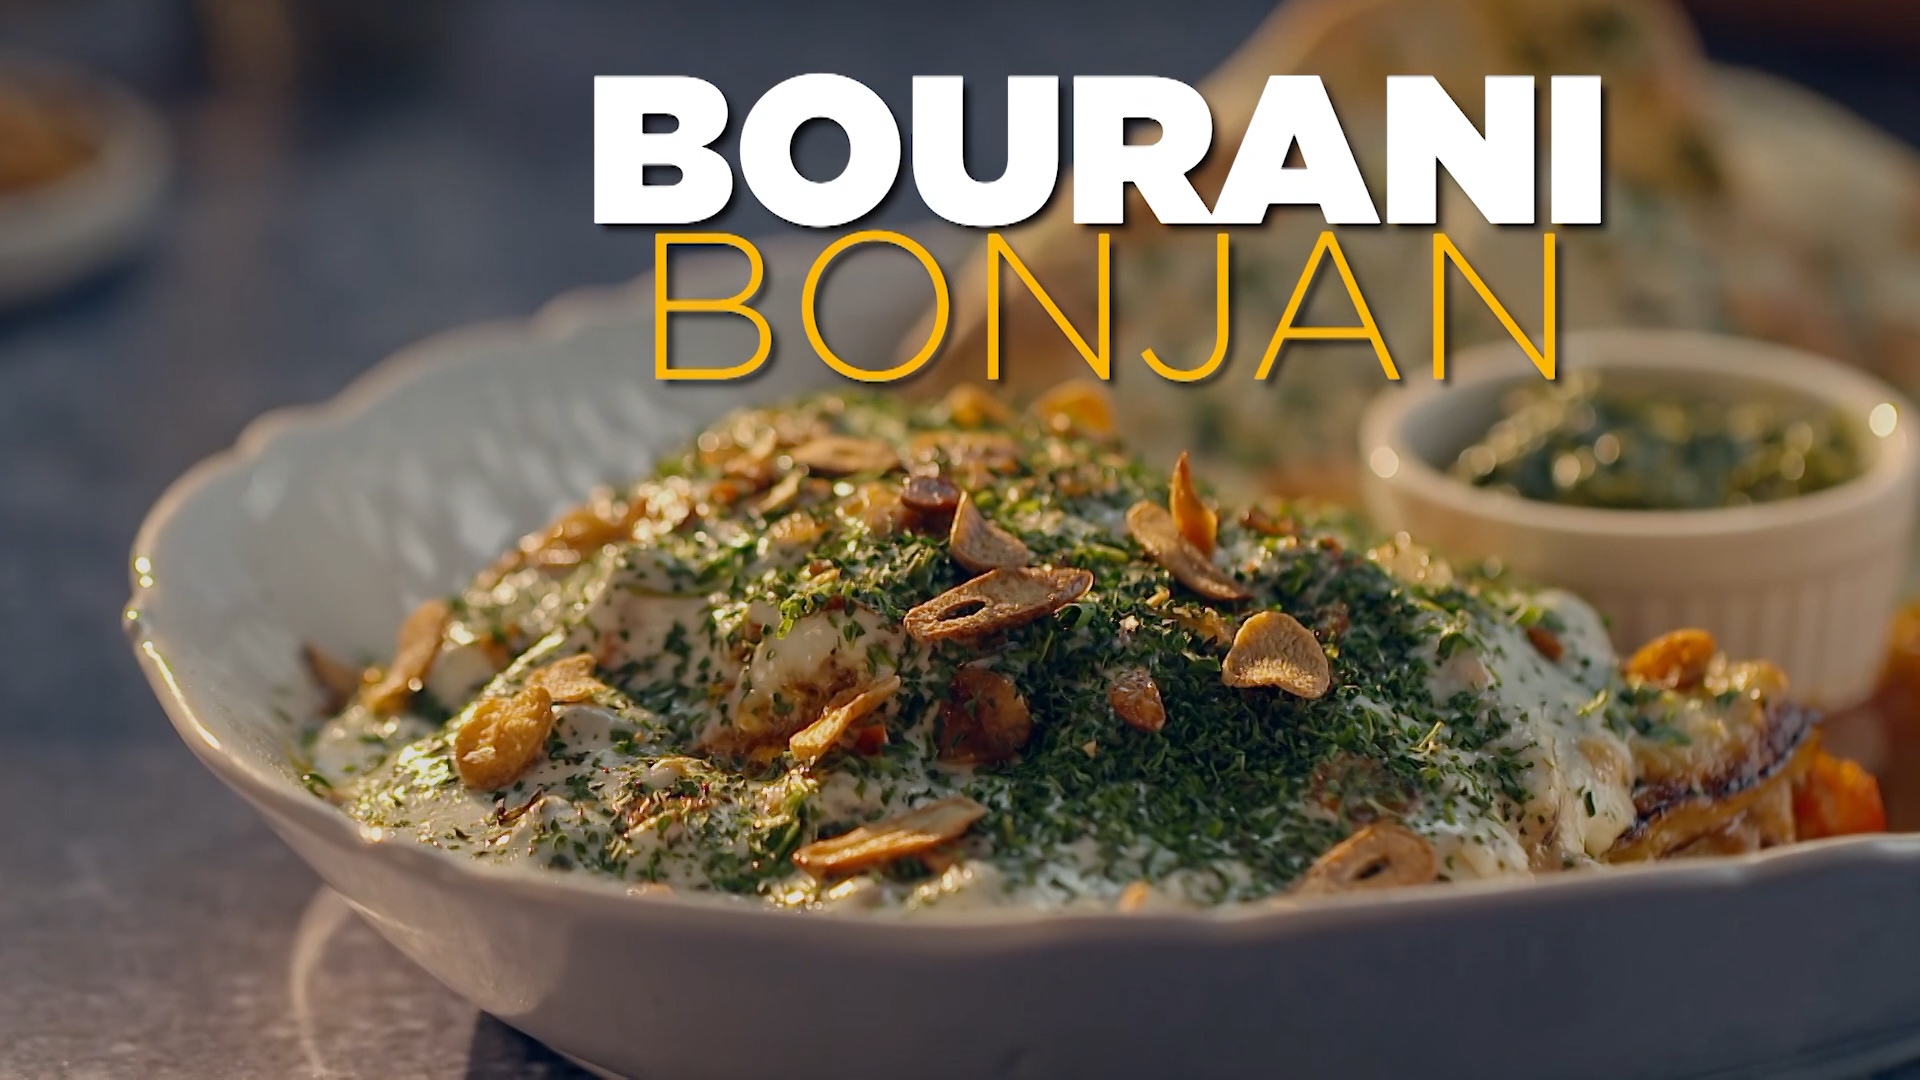 Bourani Bonjan